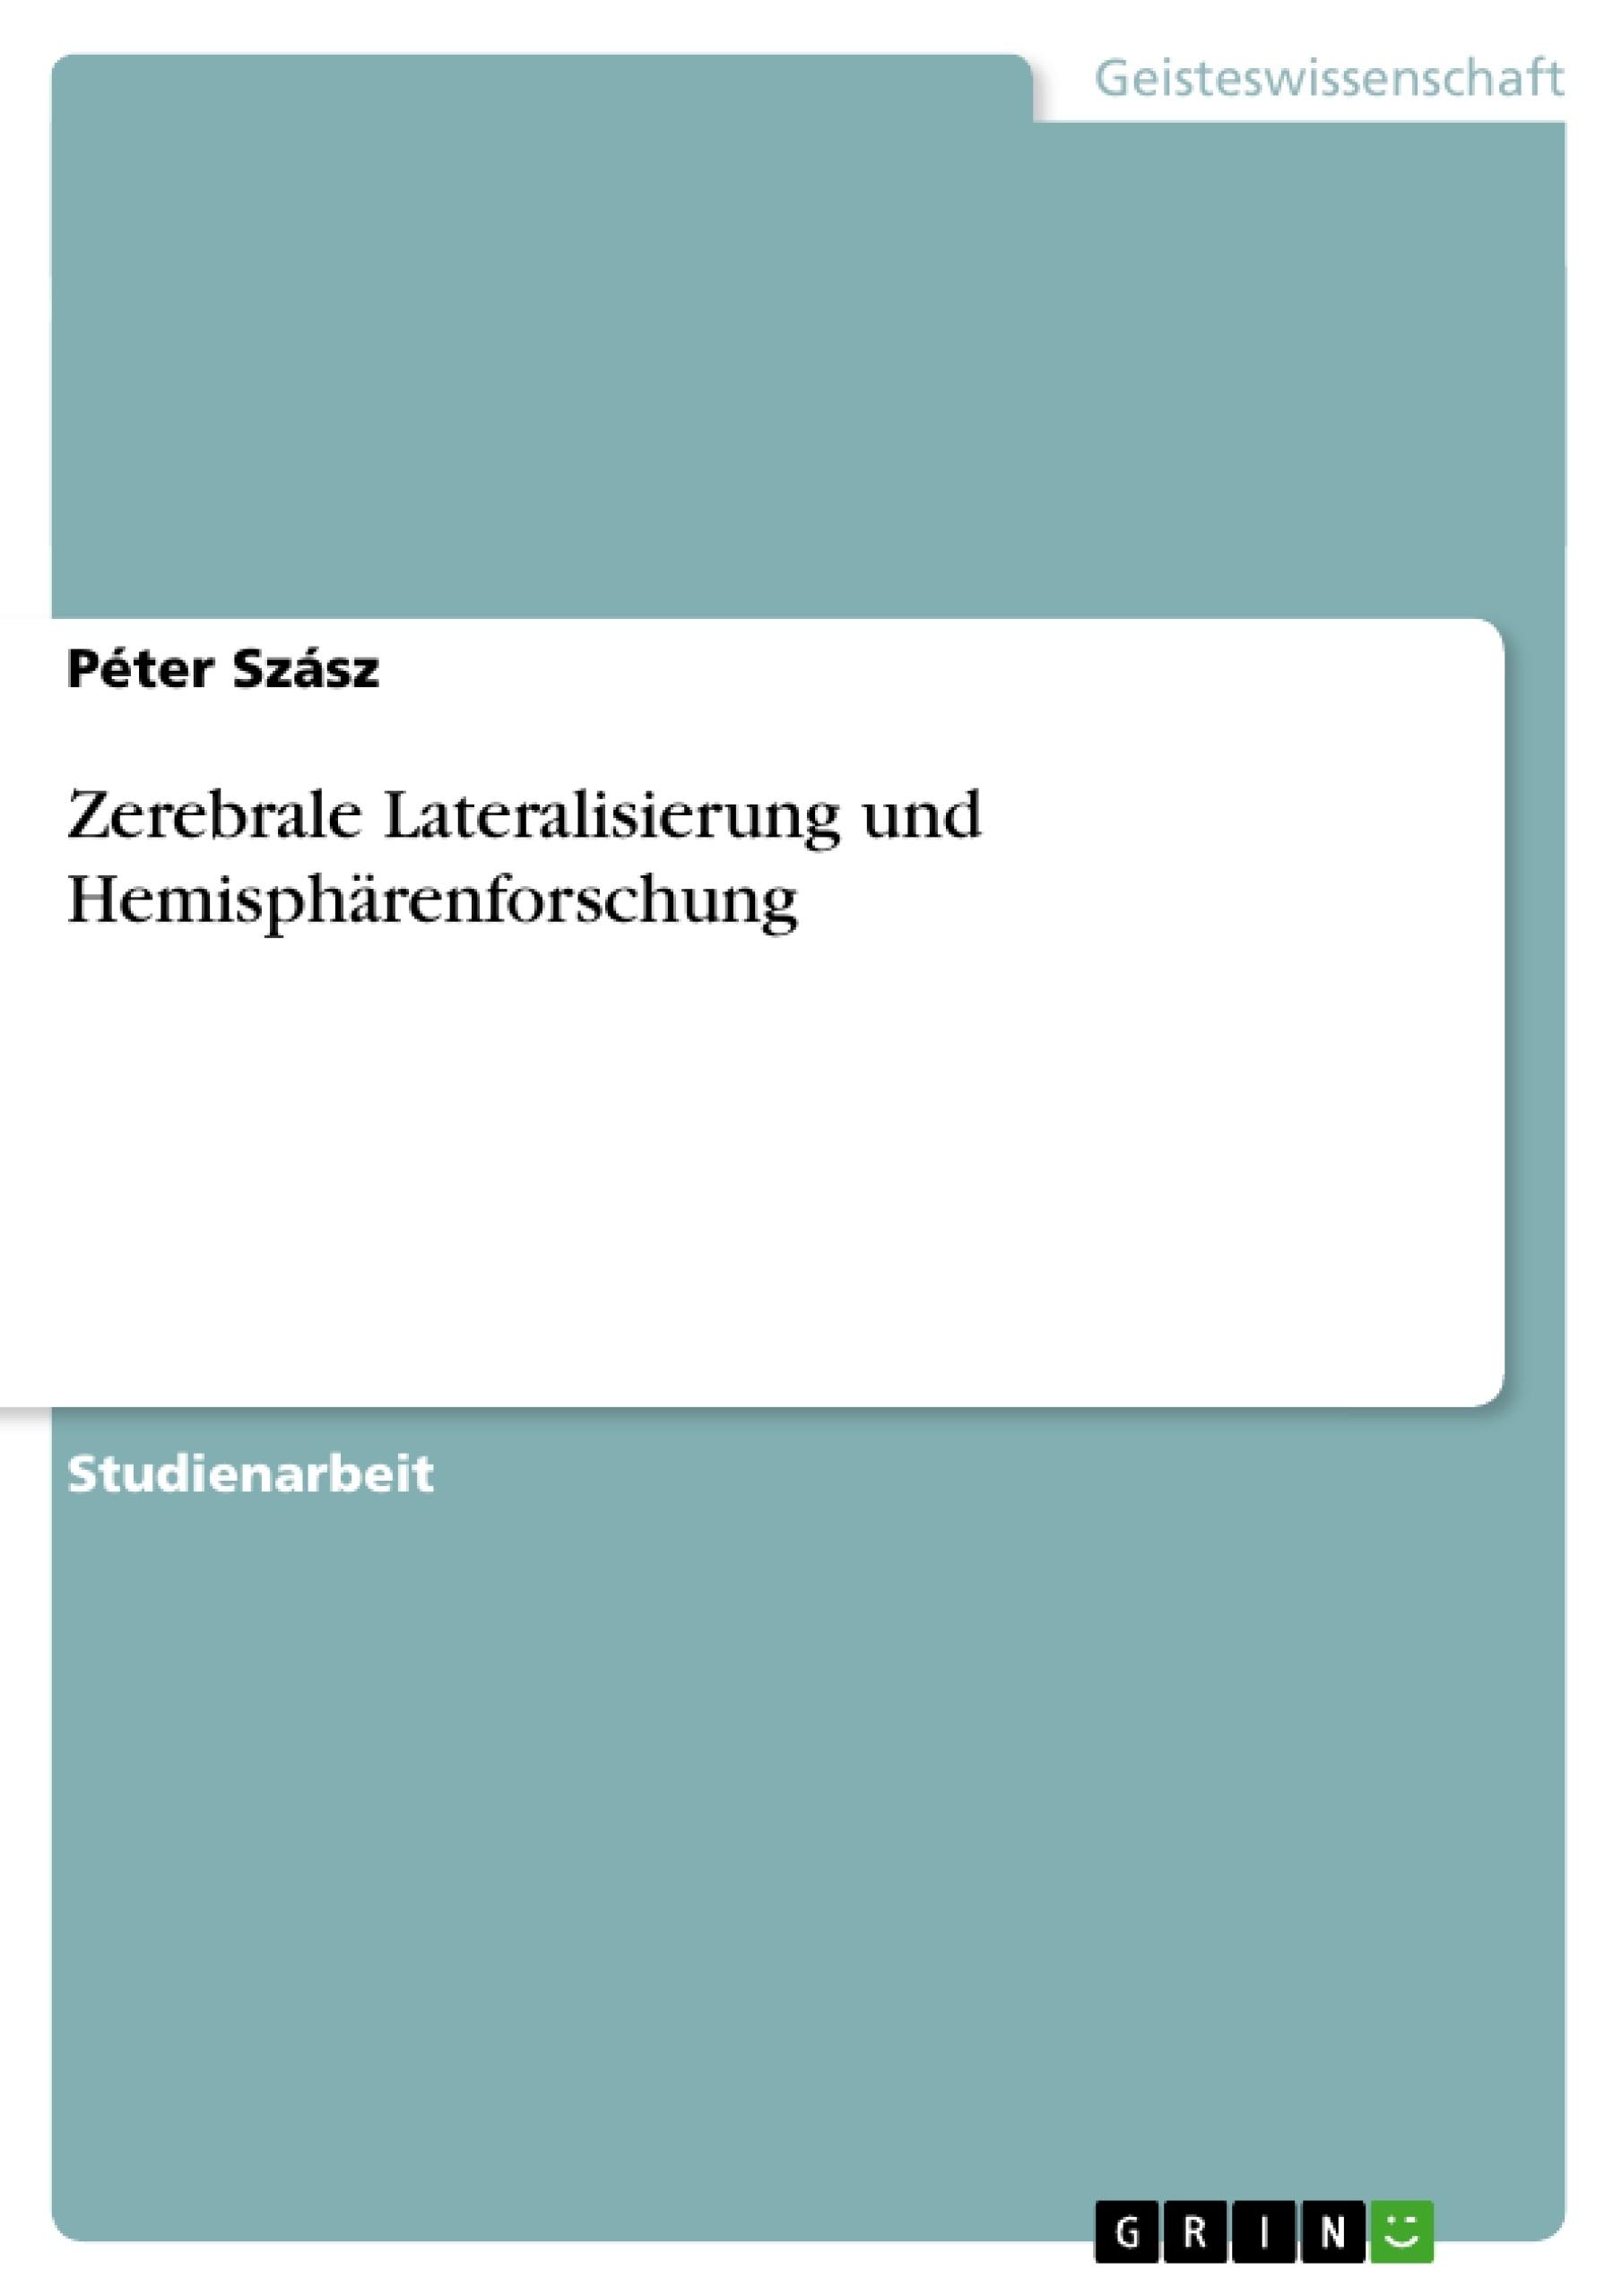 Titel: Zerebrale Lateralisierung und Hemisphärenforschung